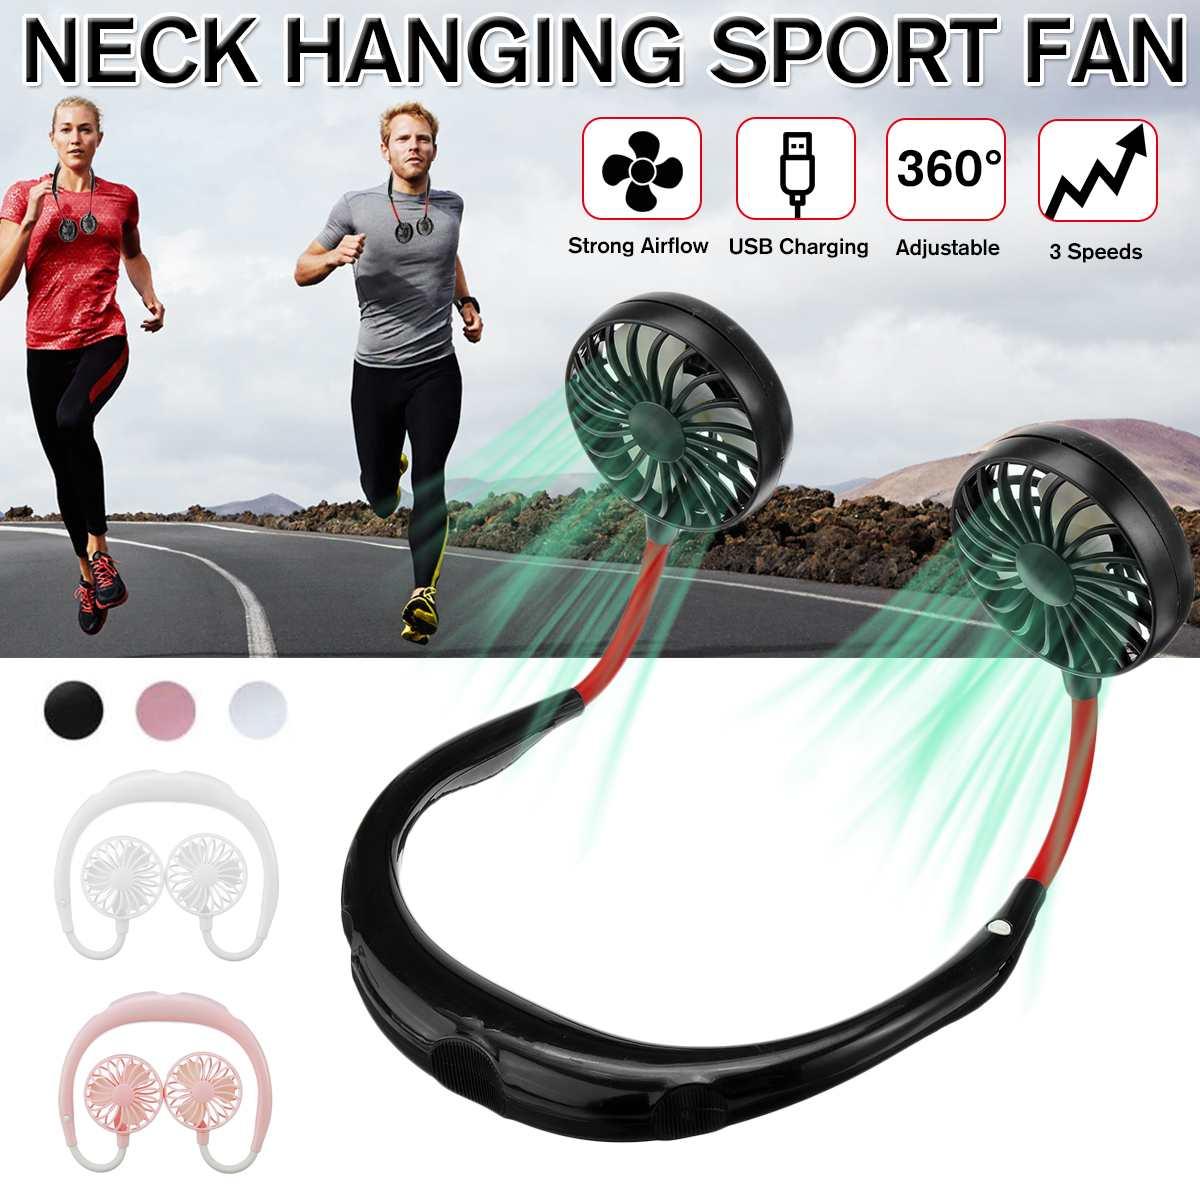 USB Rechargeable Wearable Hand Free Neckband Double Fan Personal Neck Fans 3 Speed Adjustable Portable Sport Fan